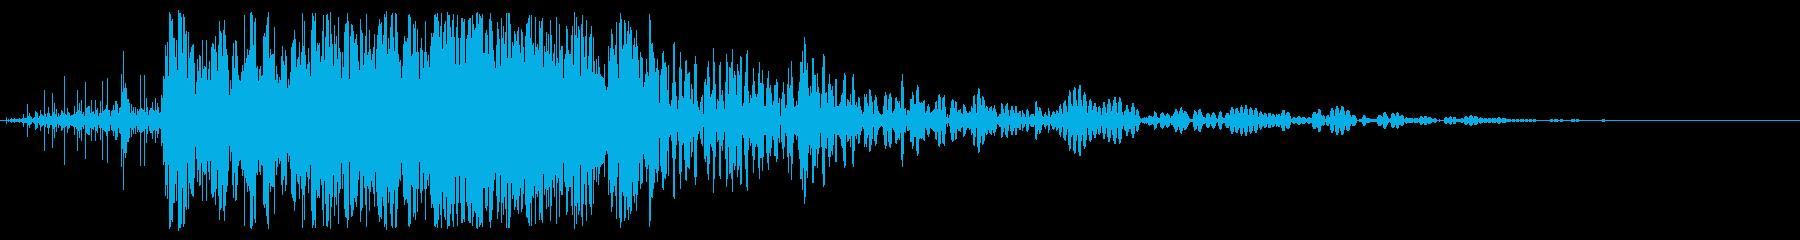 シズルメタルクランチヒットの再生済みの波形